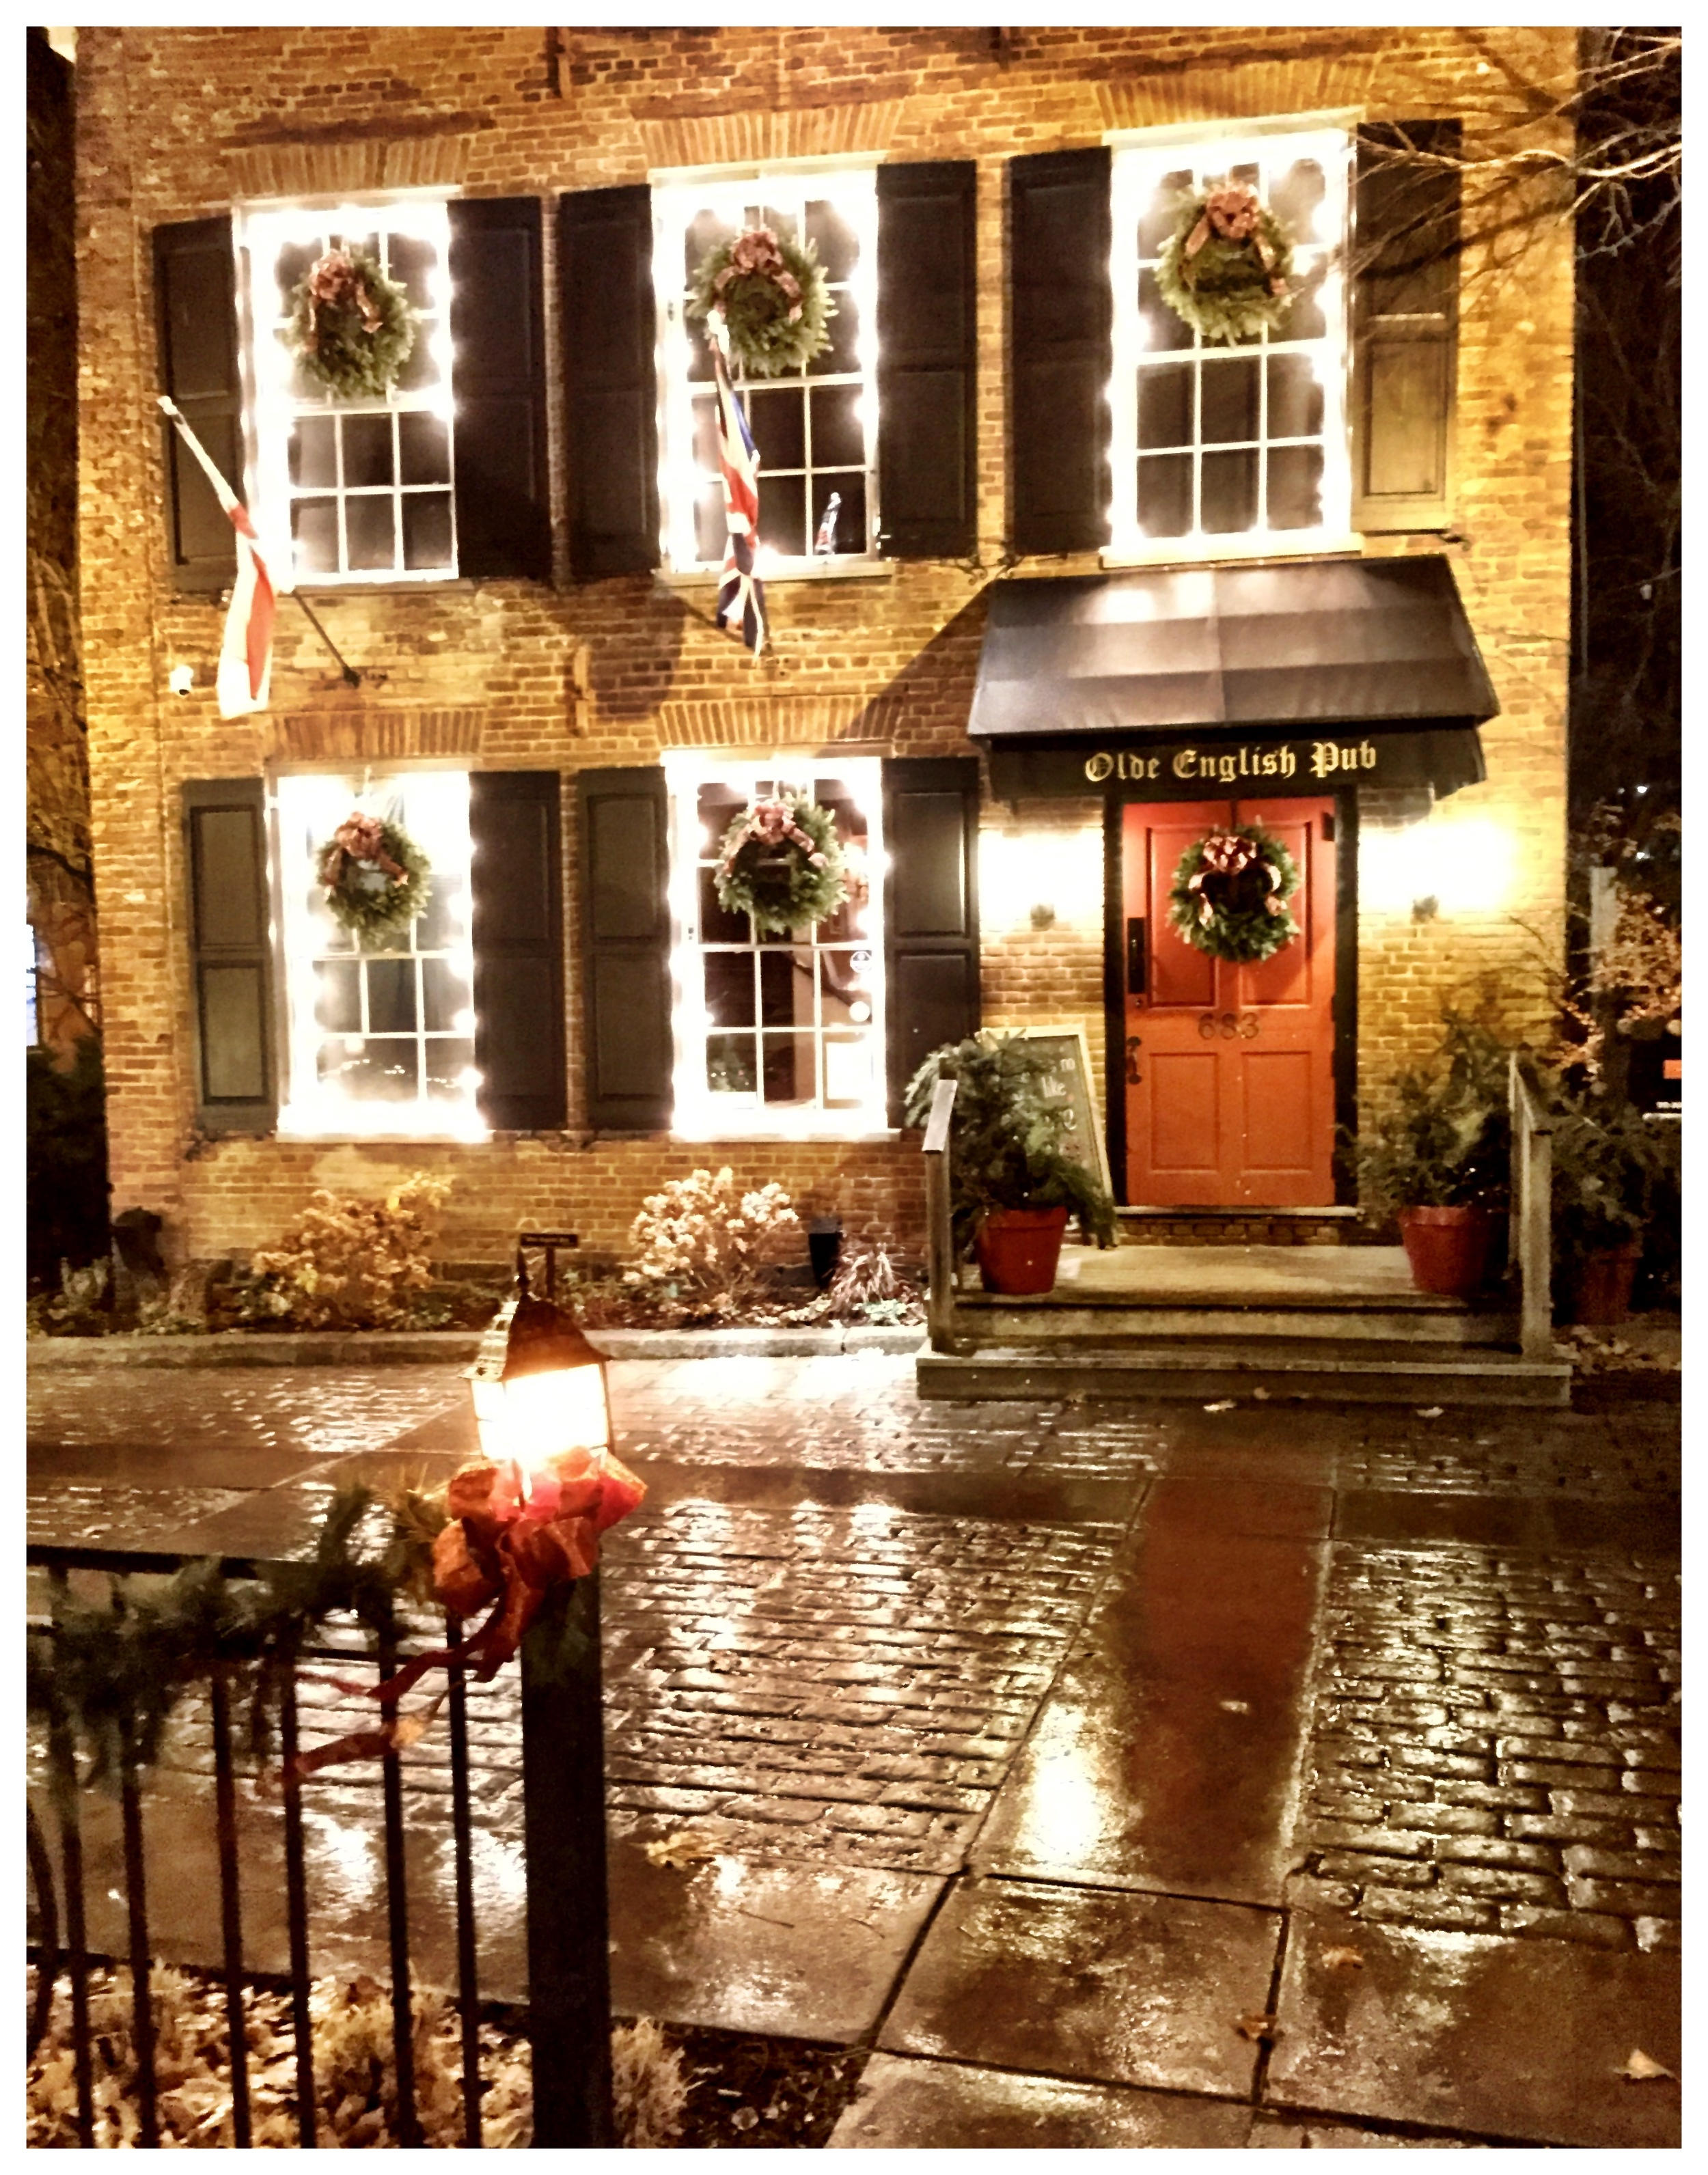 Olde English Pub, Albany NY